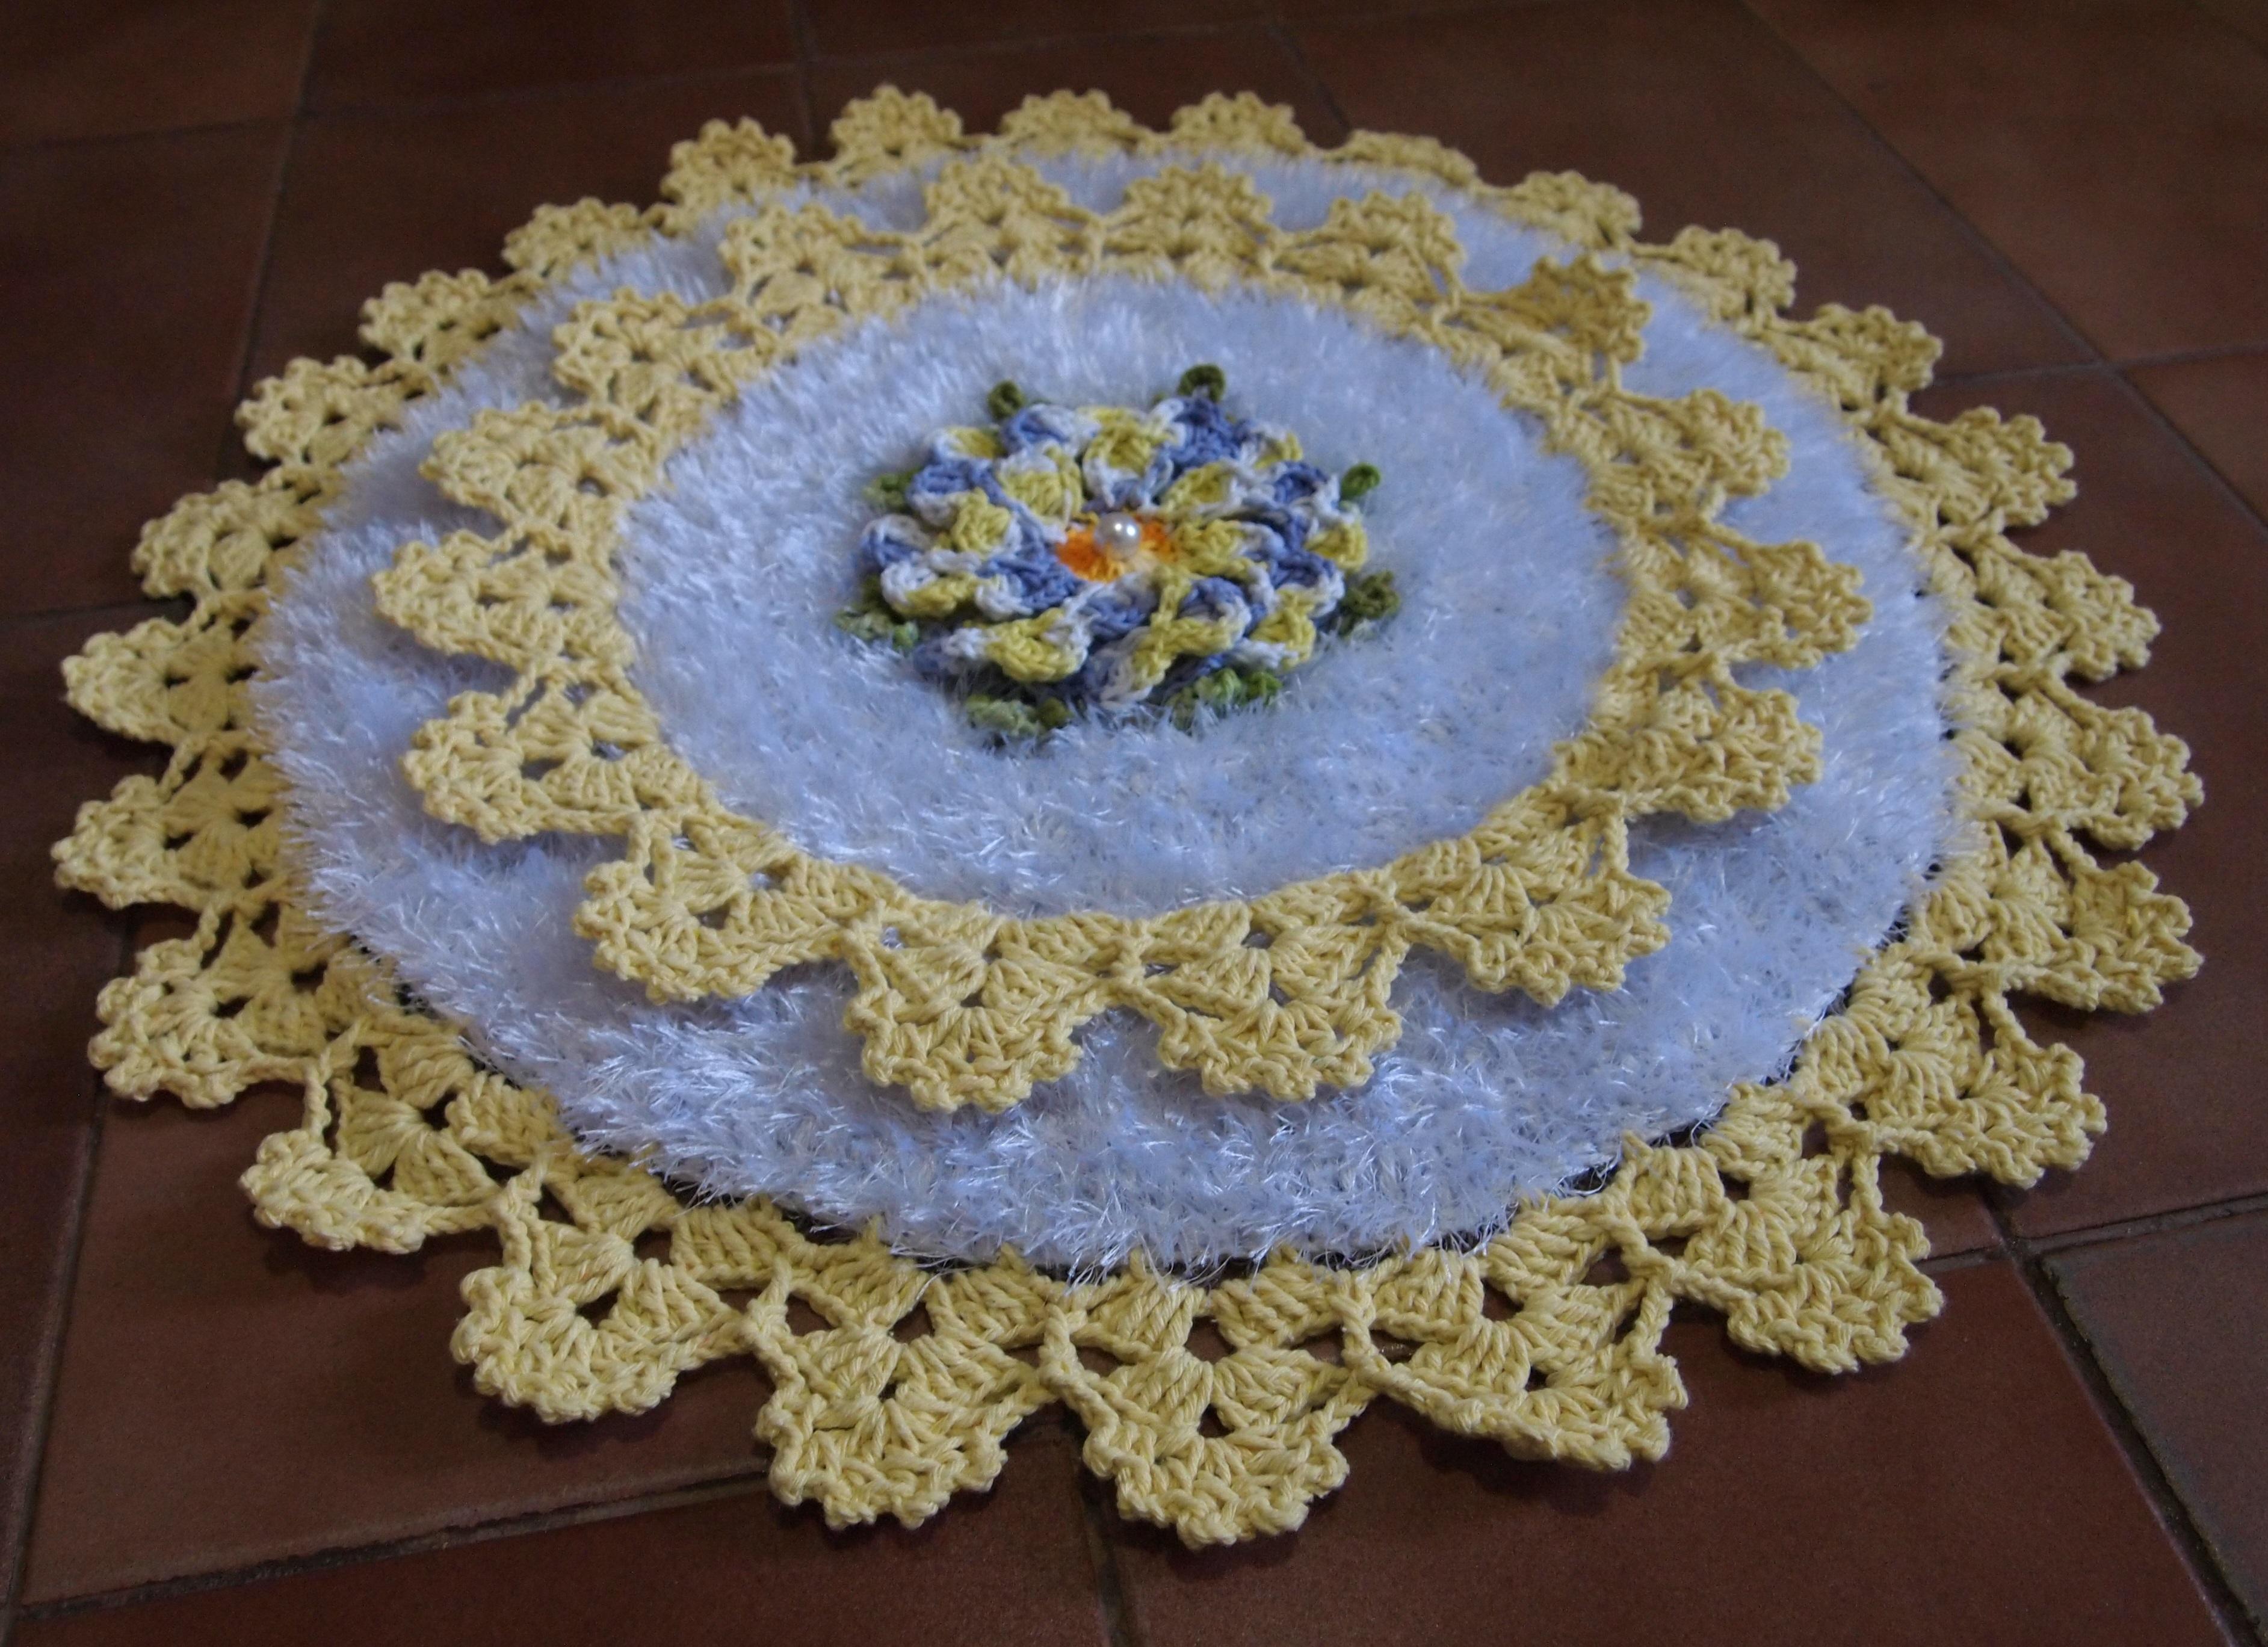 jogo de banheiro com flor dalia croche jogo de banheiro com flor dalia  #3C568F 3769x2737 Banheiro Amarelo Com Branco